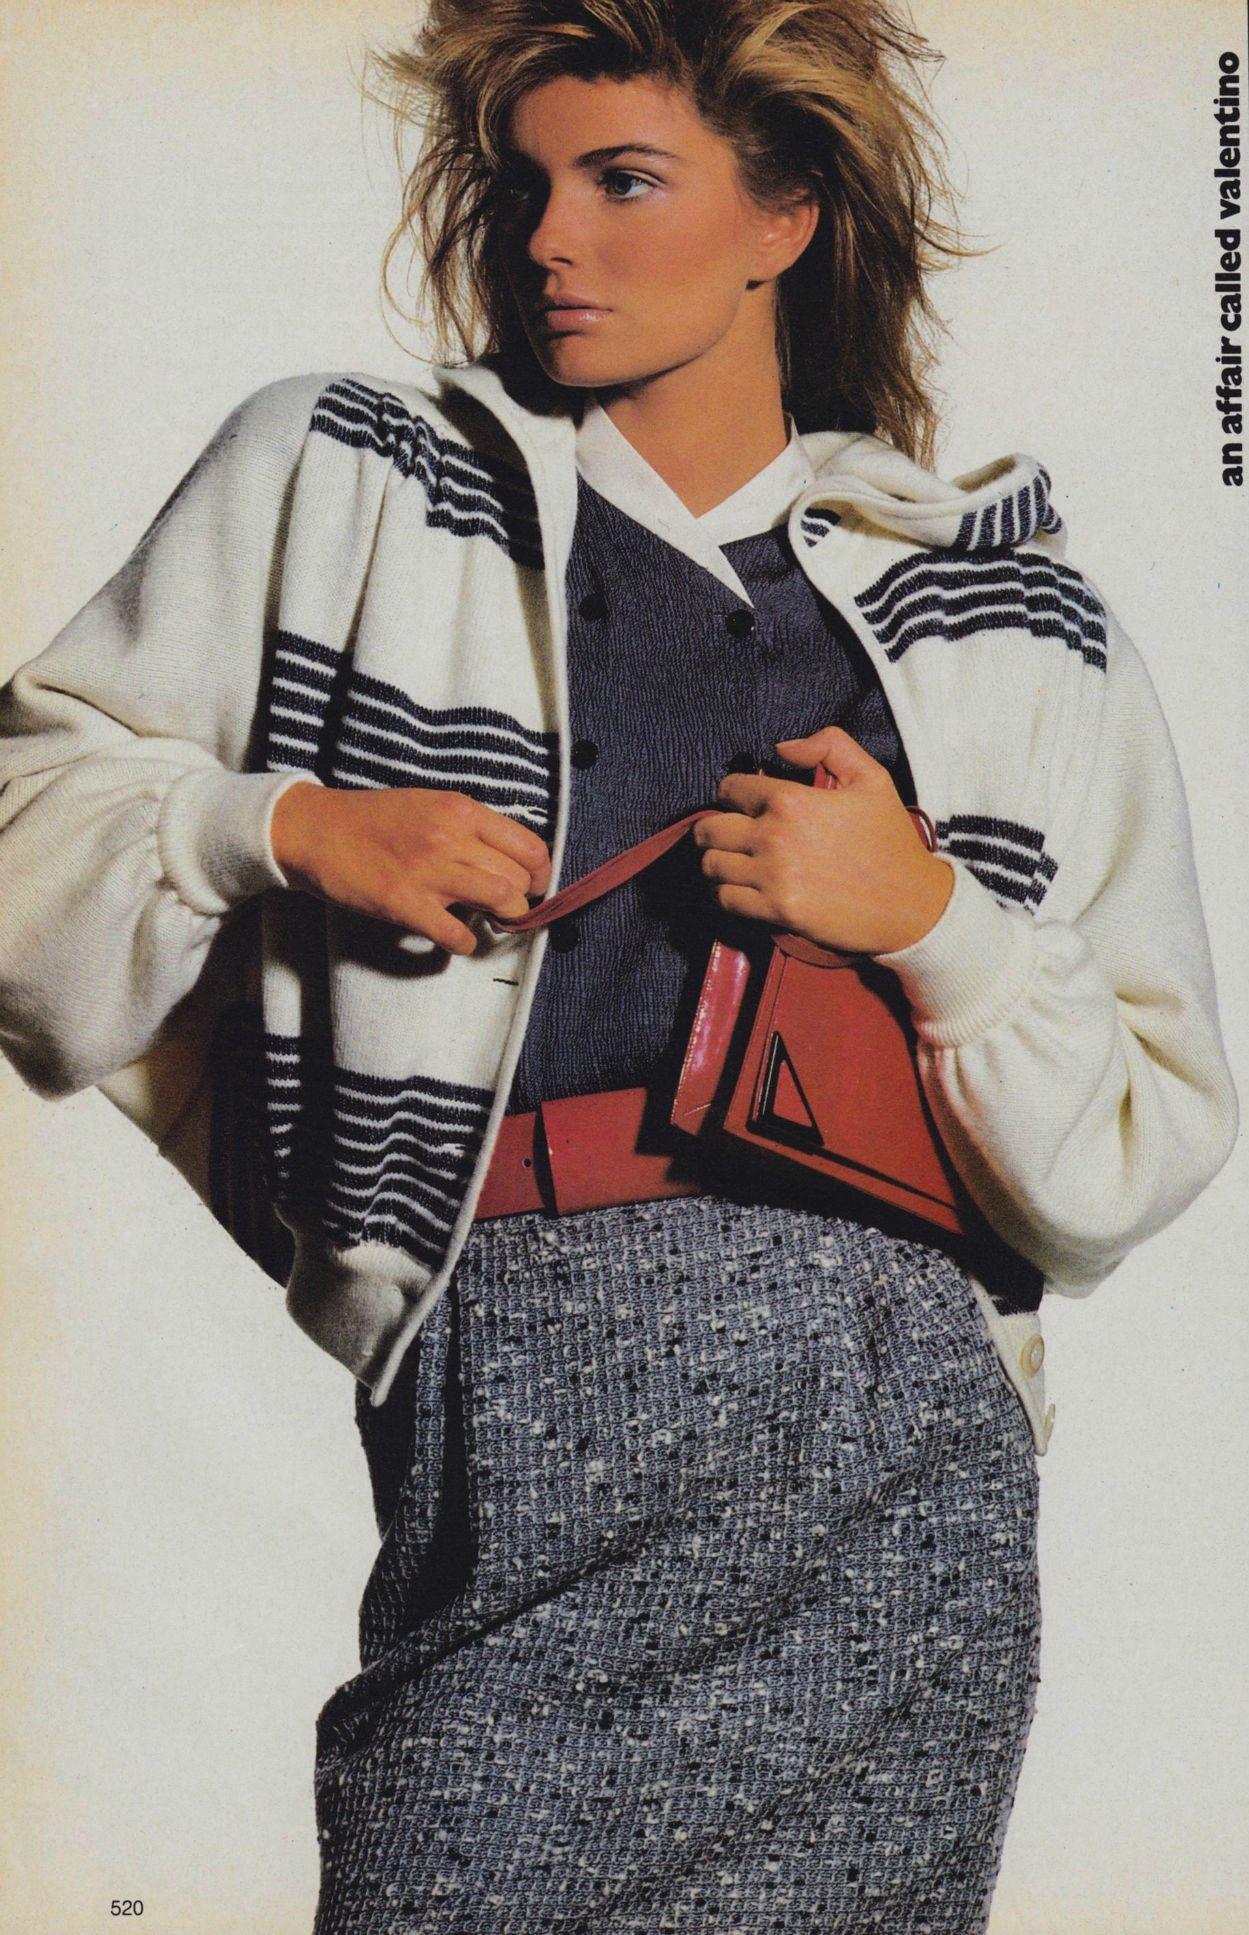 Vogue 1985 80s Fashion 1980s Fashion Fashion